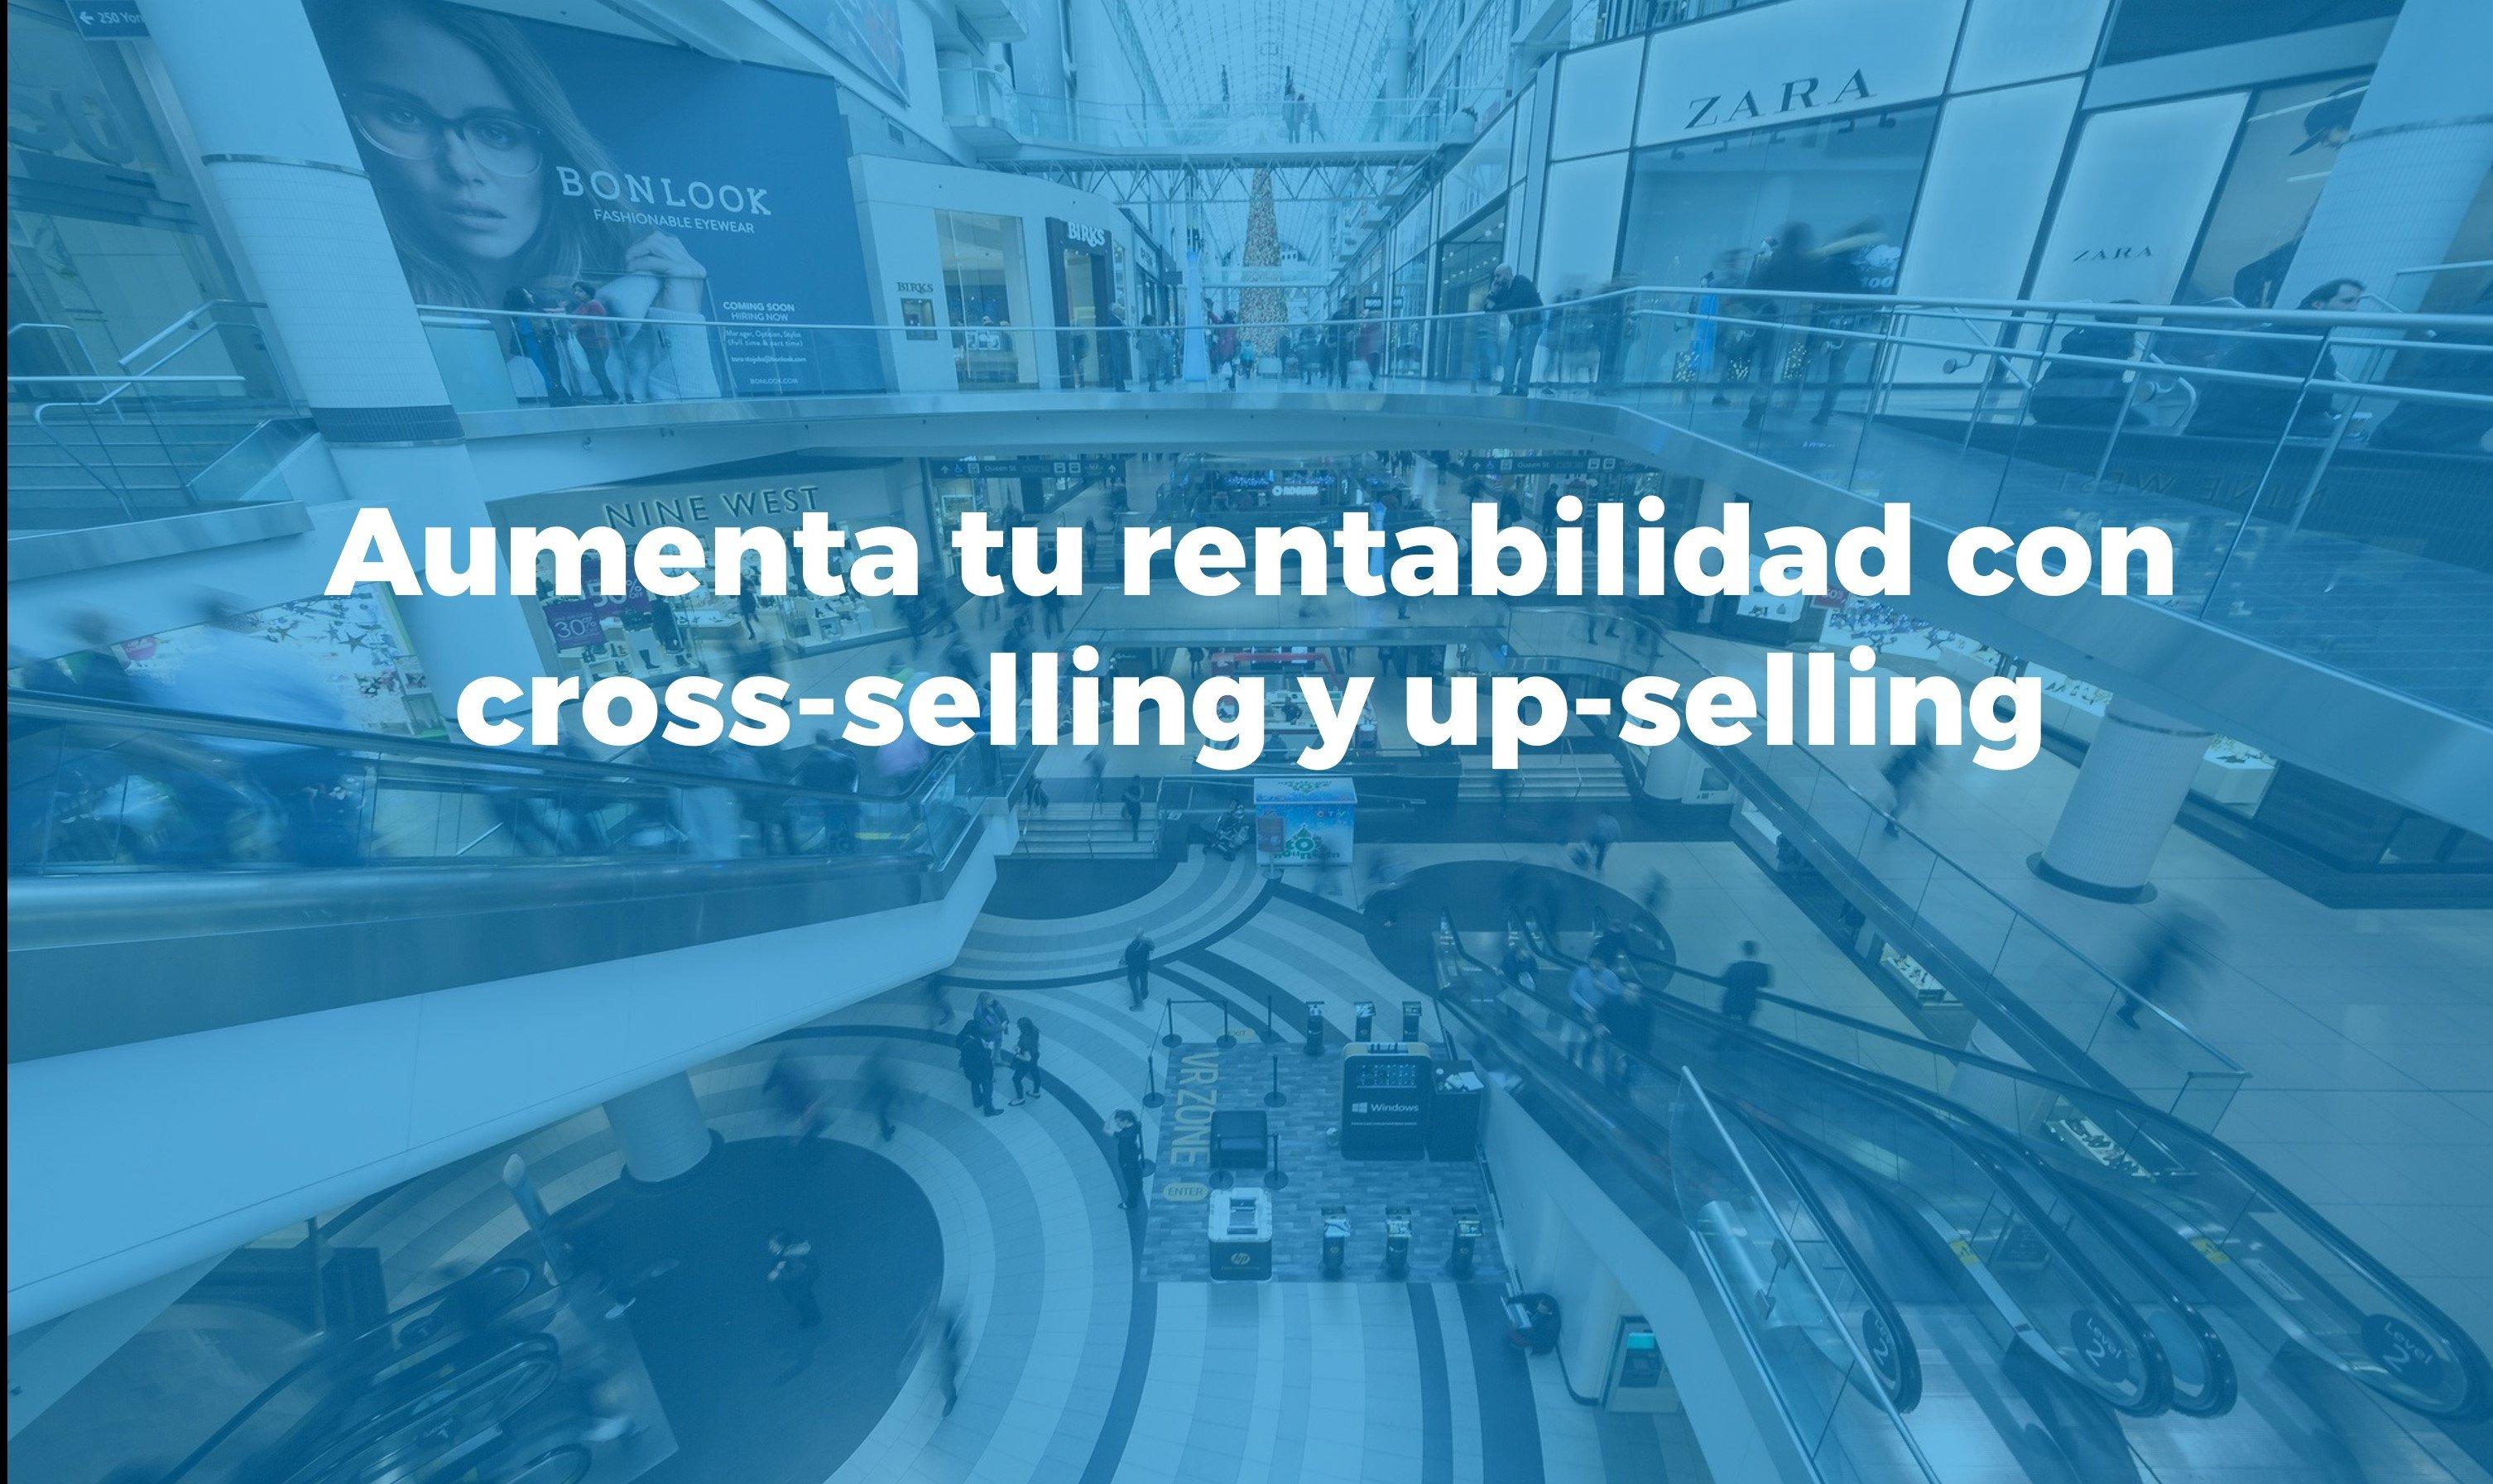 cross selling up selling aumentar tu rentabilidad empresa